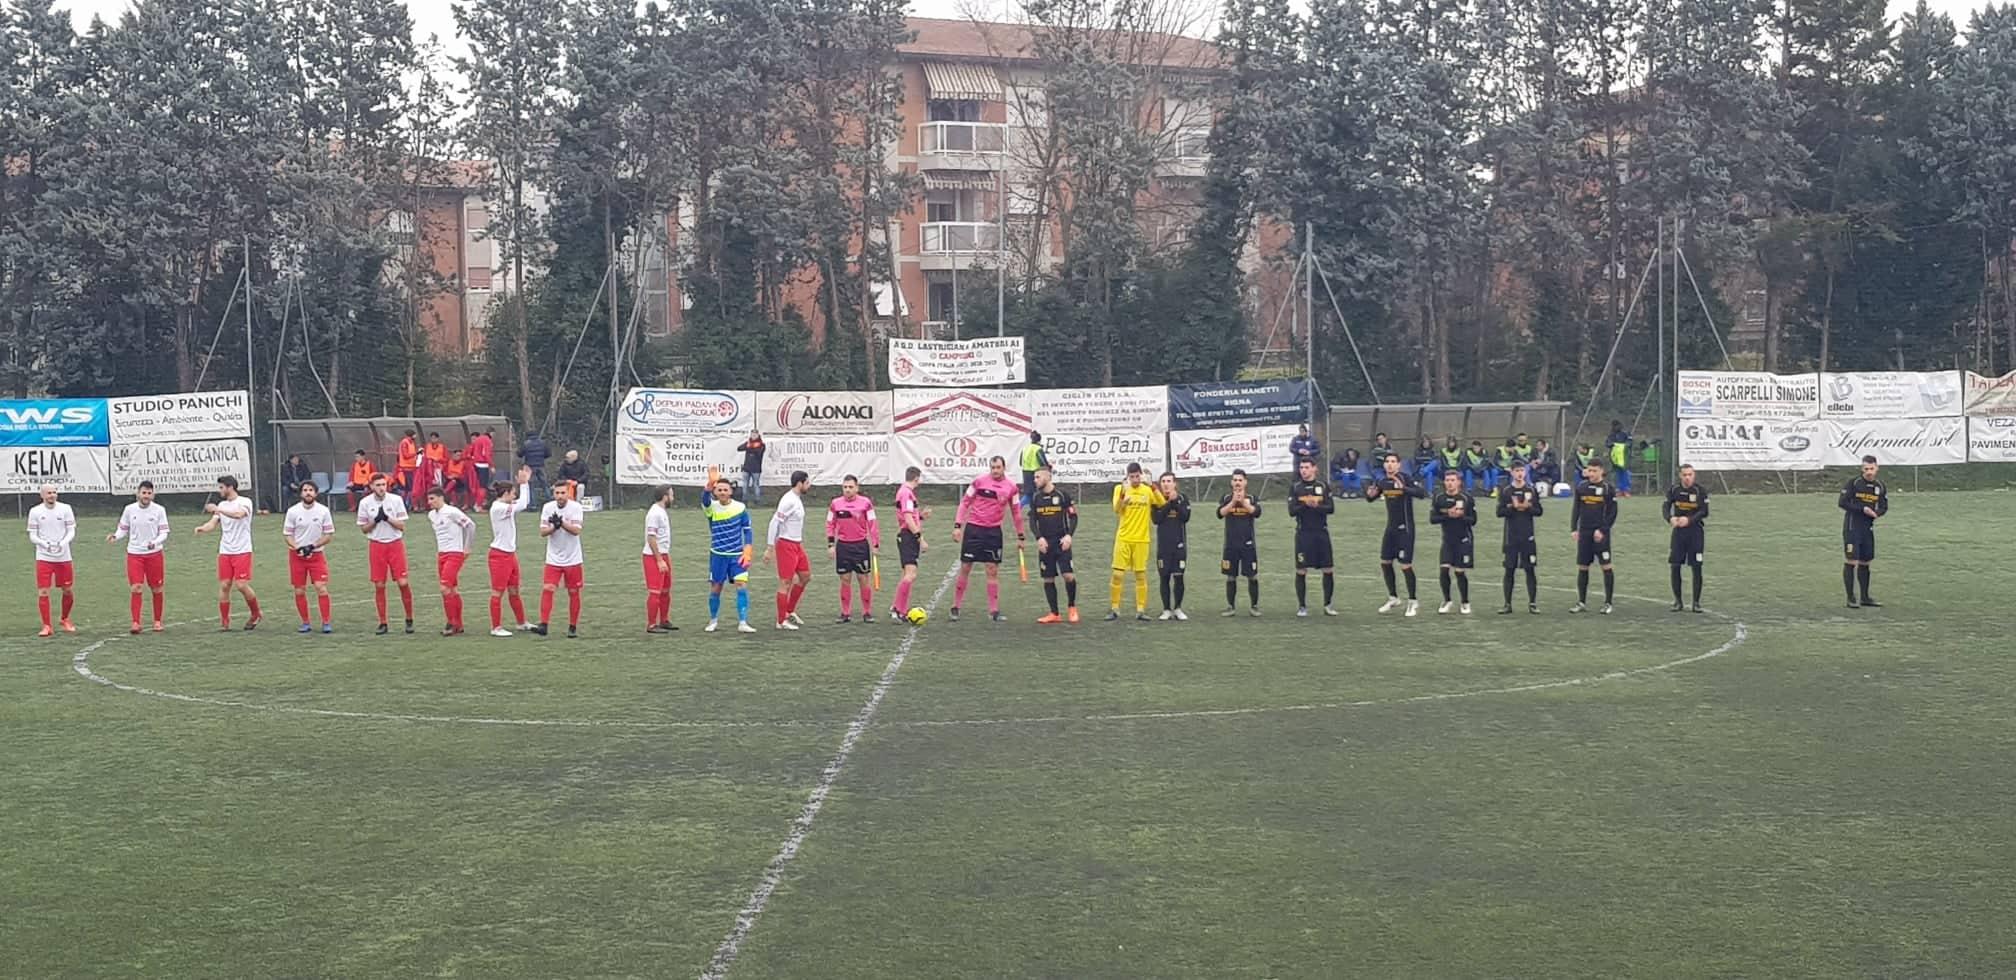 Lastrigiana-Valdarno 0-0: i biancorossi resistono in inferiorità numerica